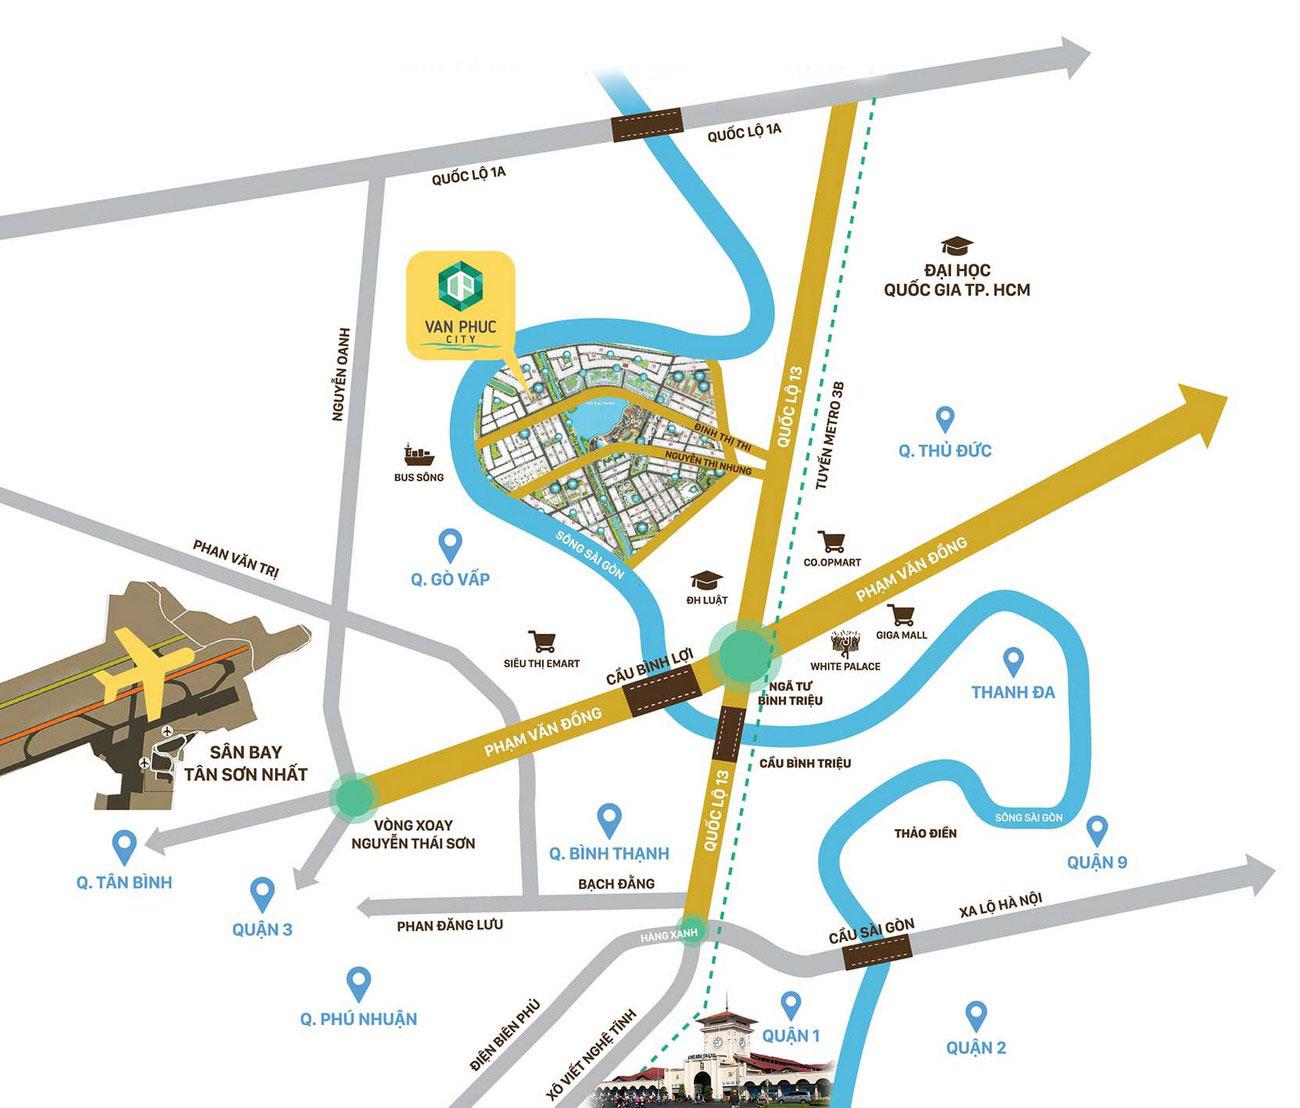 Vị trí dự án căn hộ Vạn Phúc City tại Quốc Lộ 13 Quận Thủ Đức